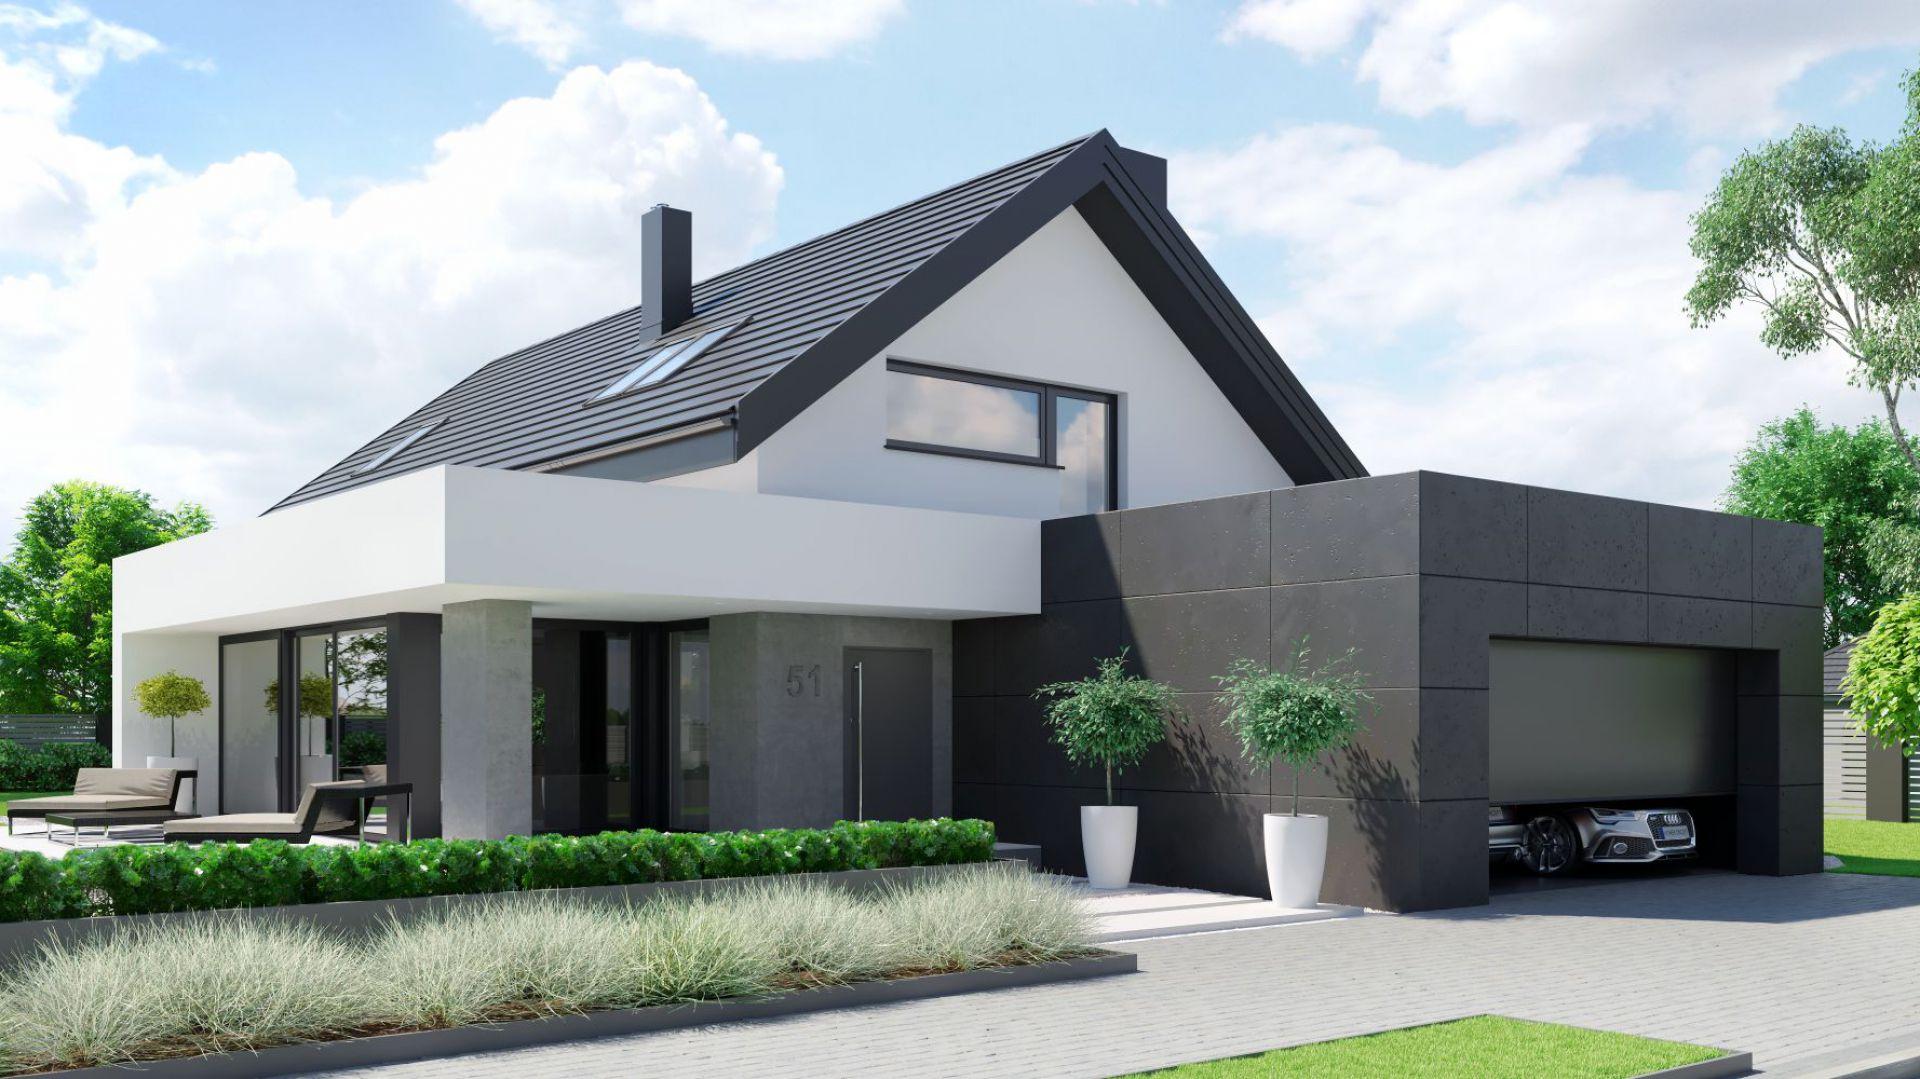 Wybieramy projekt domu: na co zwrócić uwagę? Projekt HomeKONCEPT 51. Fot. HomeKONCEPT